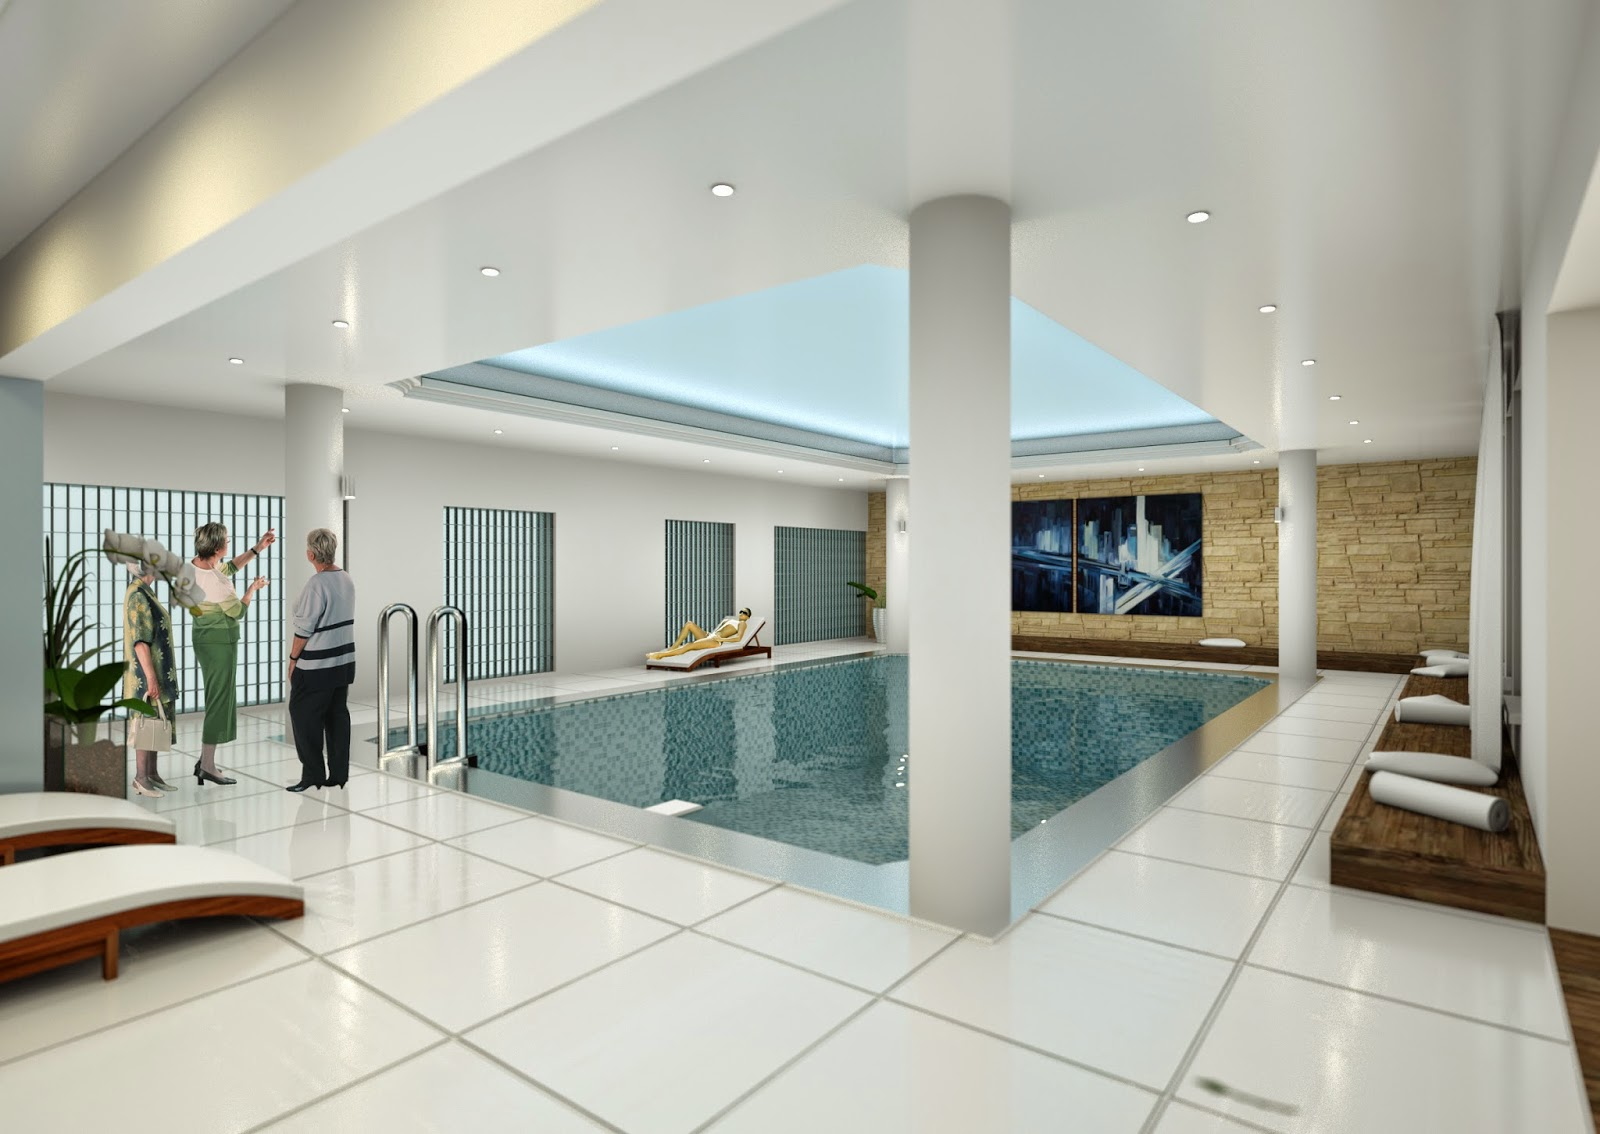 basen w New Skanpol - wizualizacja numer 2